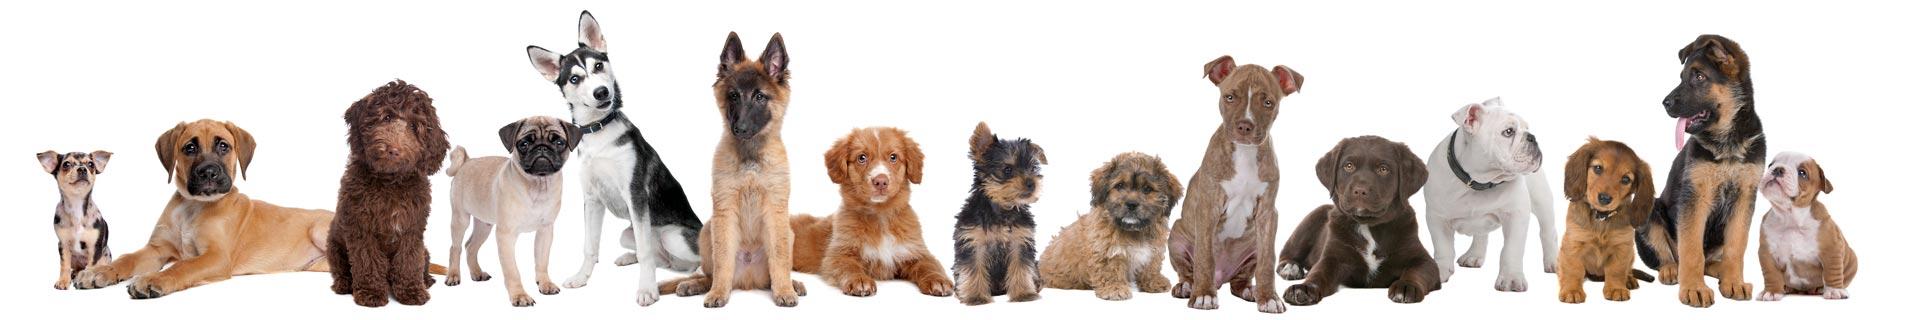 Online Puppy Adoption